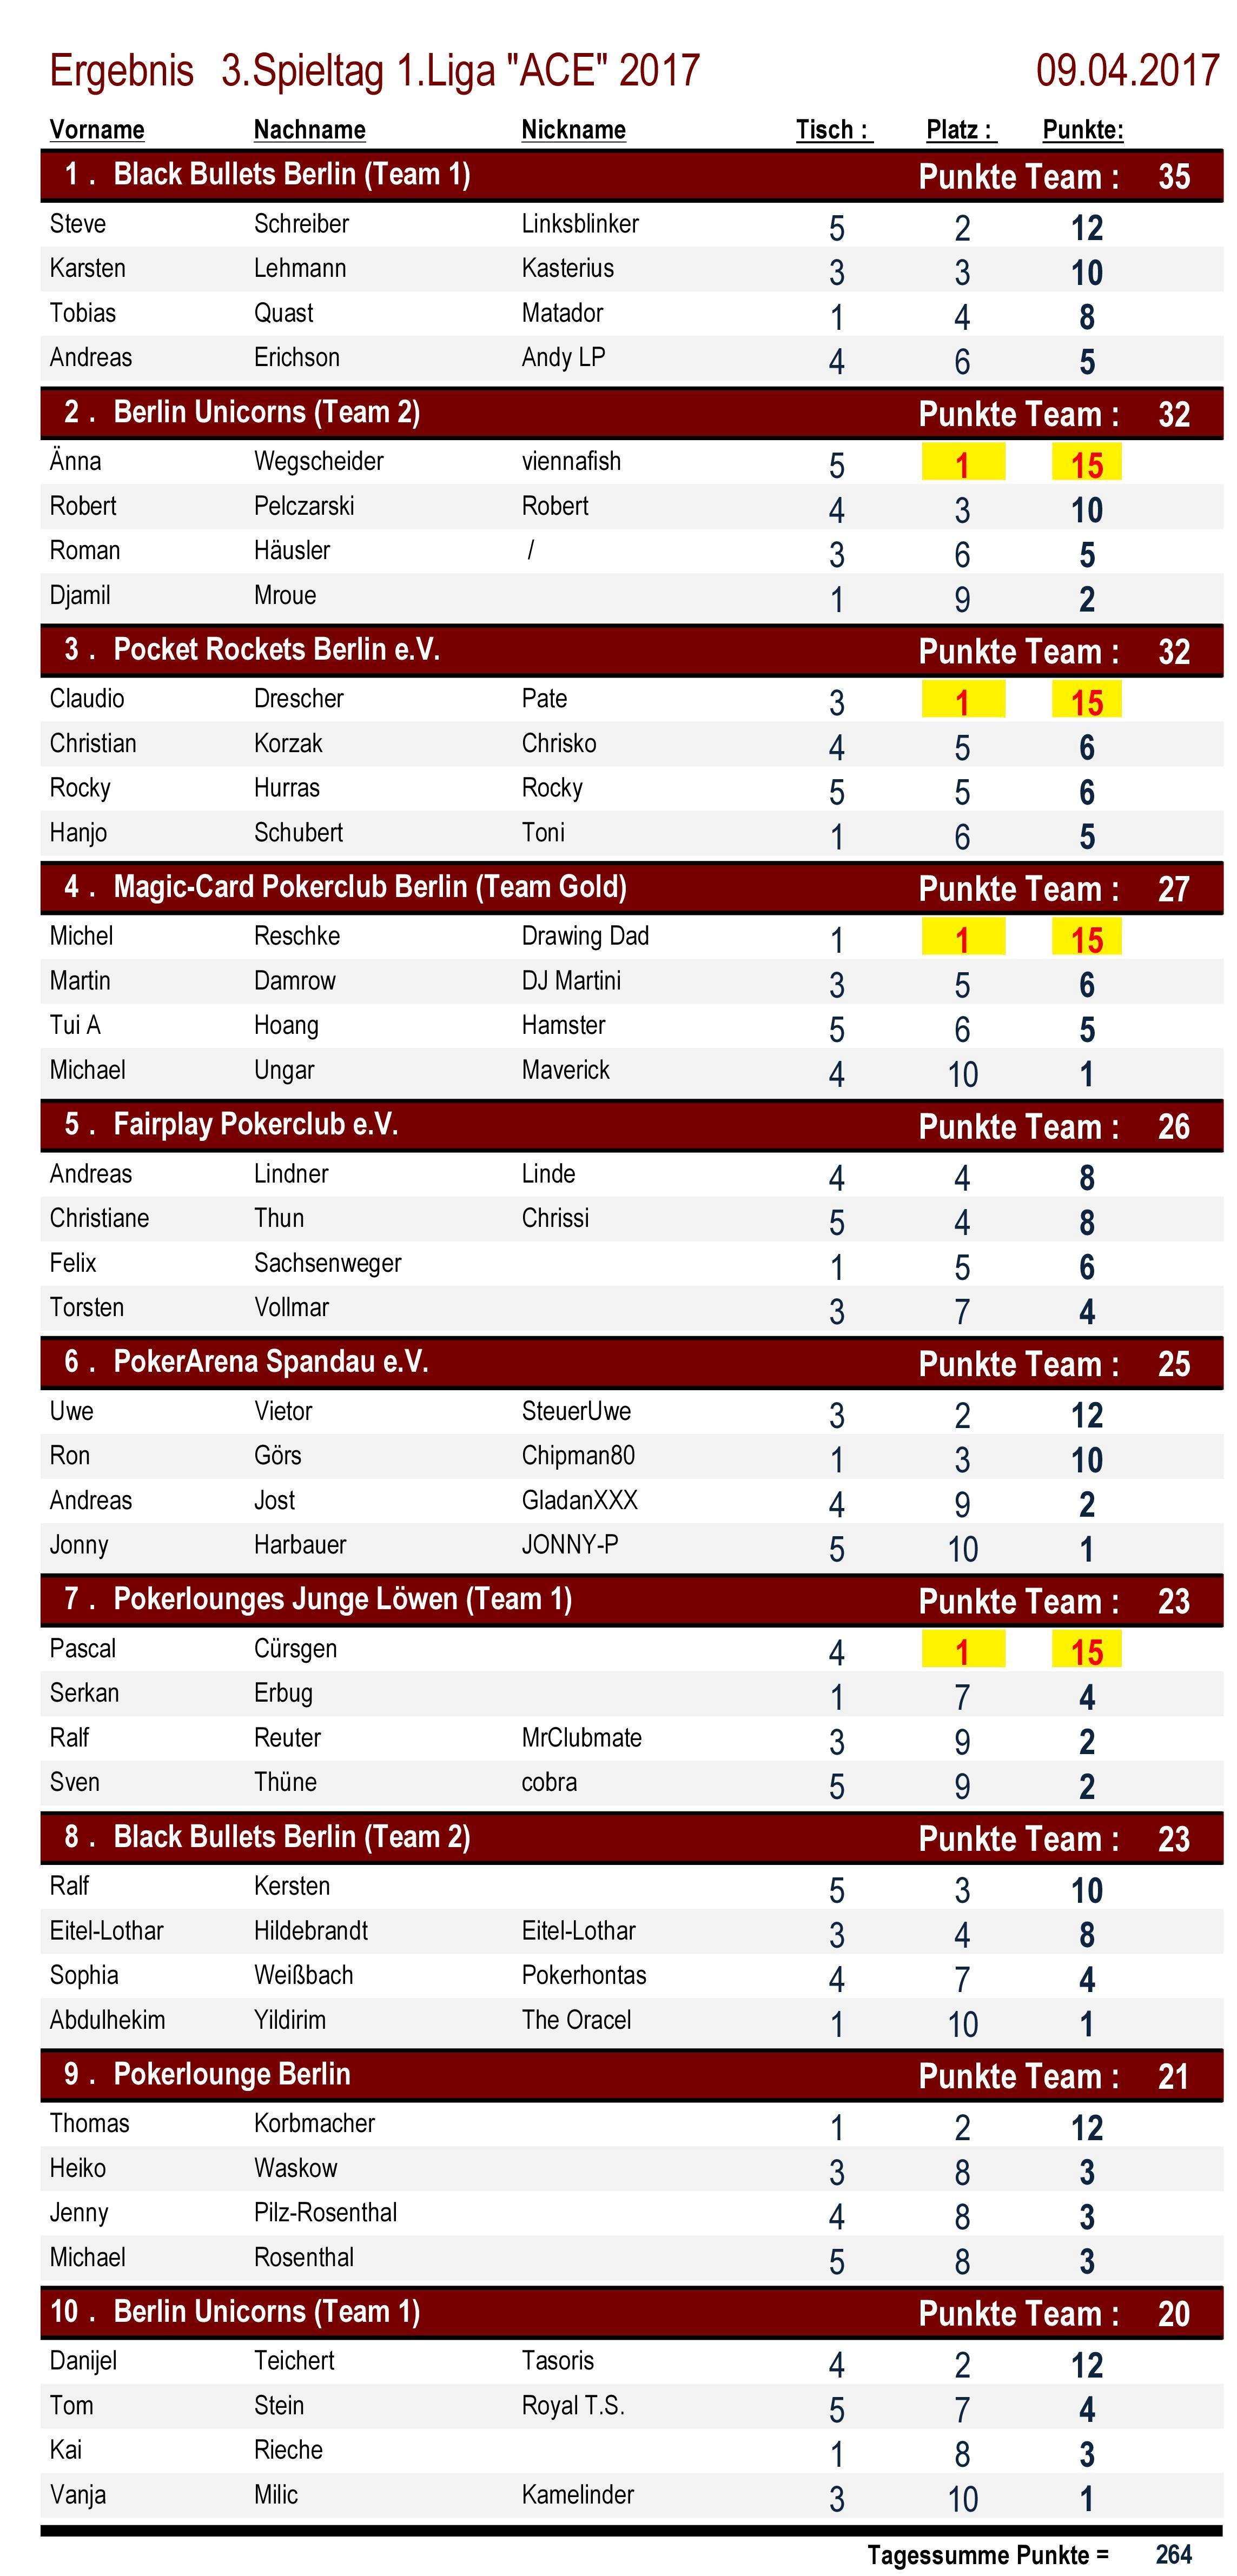 Platzierungen 1.Liga `ACE` 3.Spieltag 2017